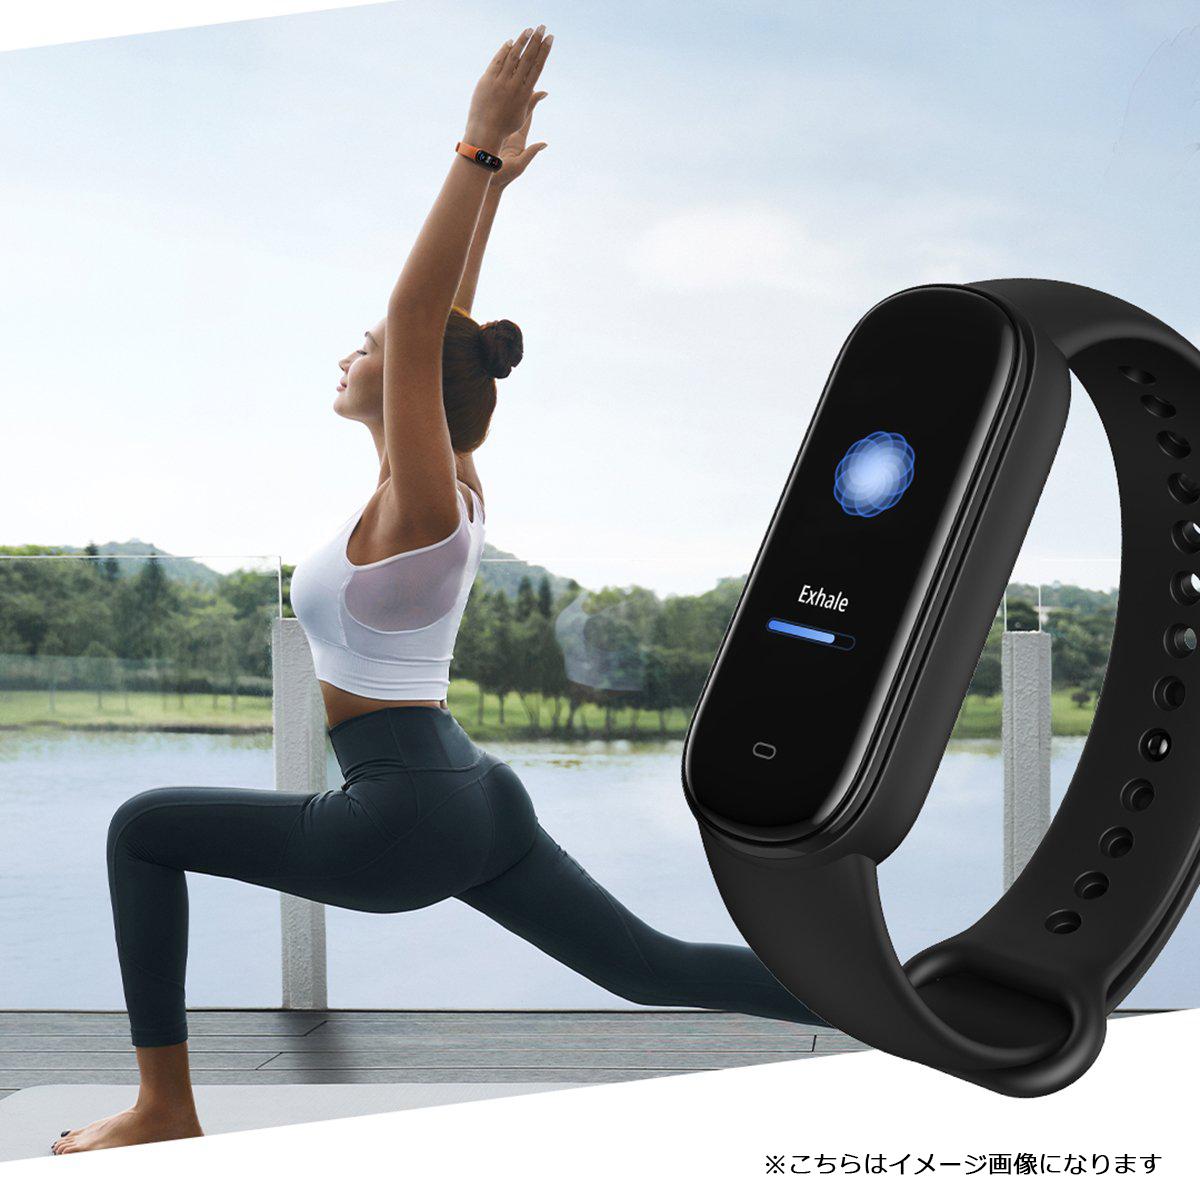 アマズフィット AMAZFIT スマートウォッチ BAND5 オリーブ 腕時計 メンズ レディース ウェアラブル SP170022C08